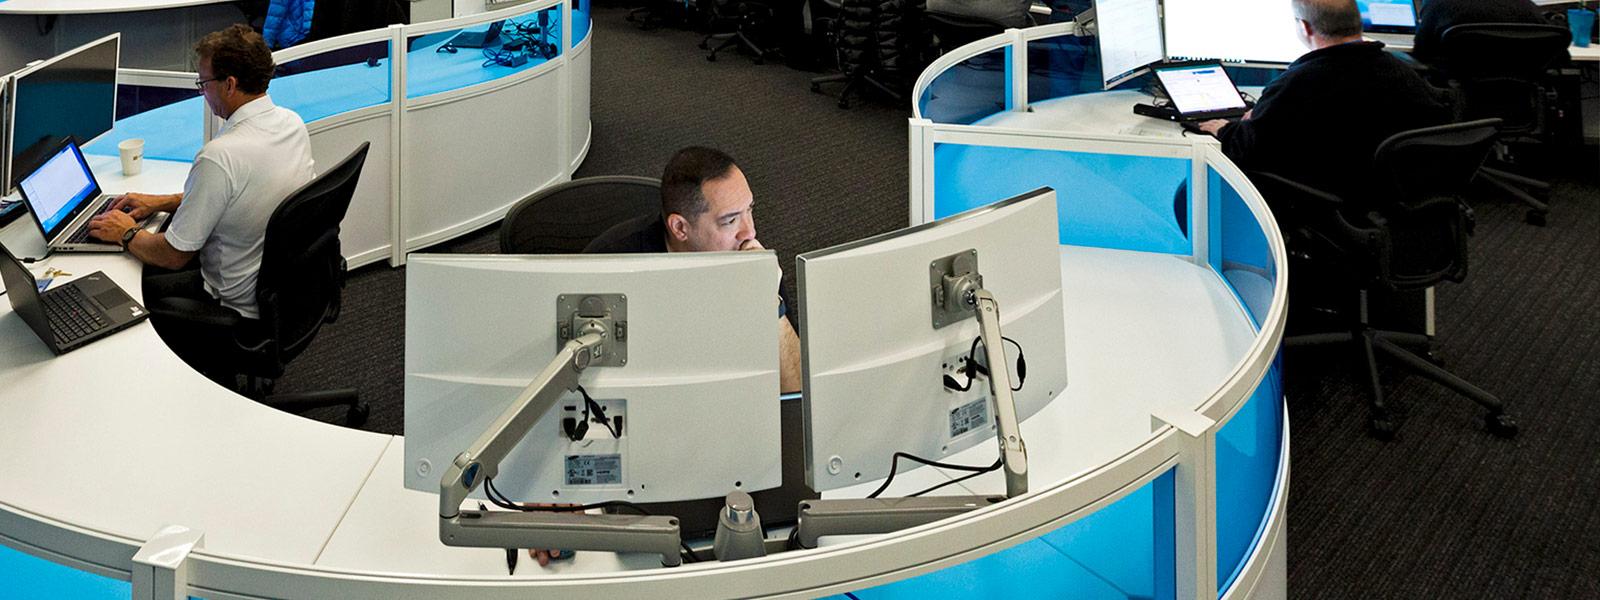 Мужчина в центре кибер-безопасности изучает информацию на 2 мониторах